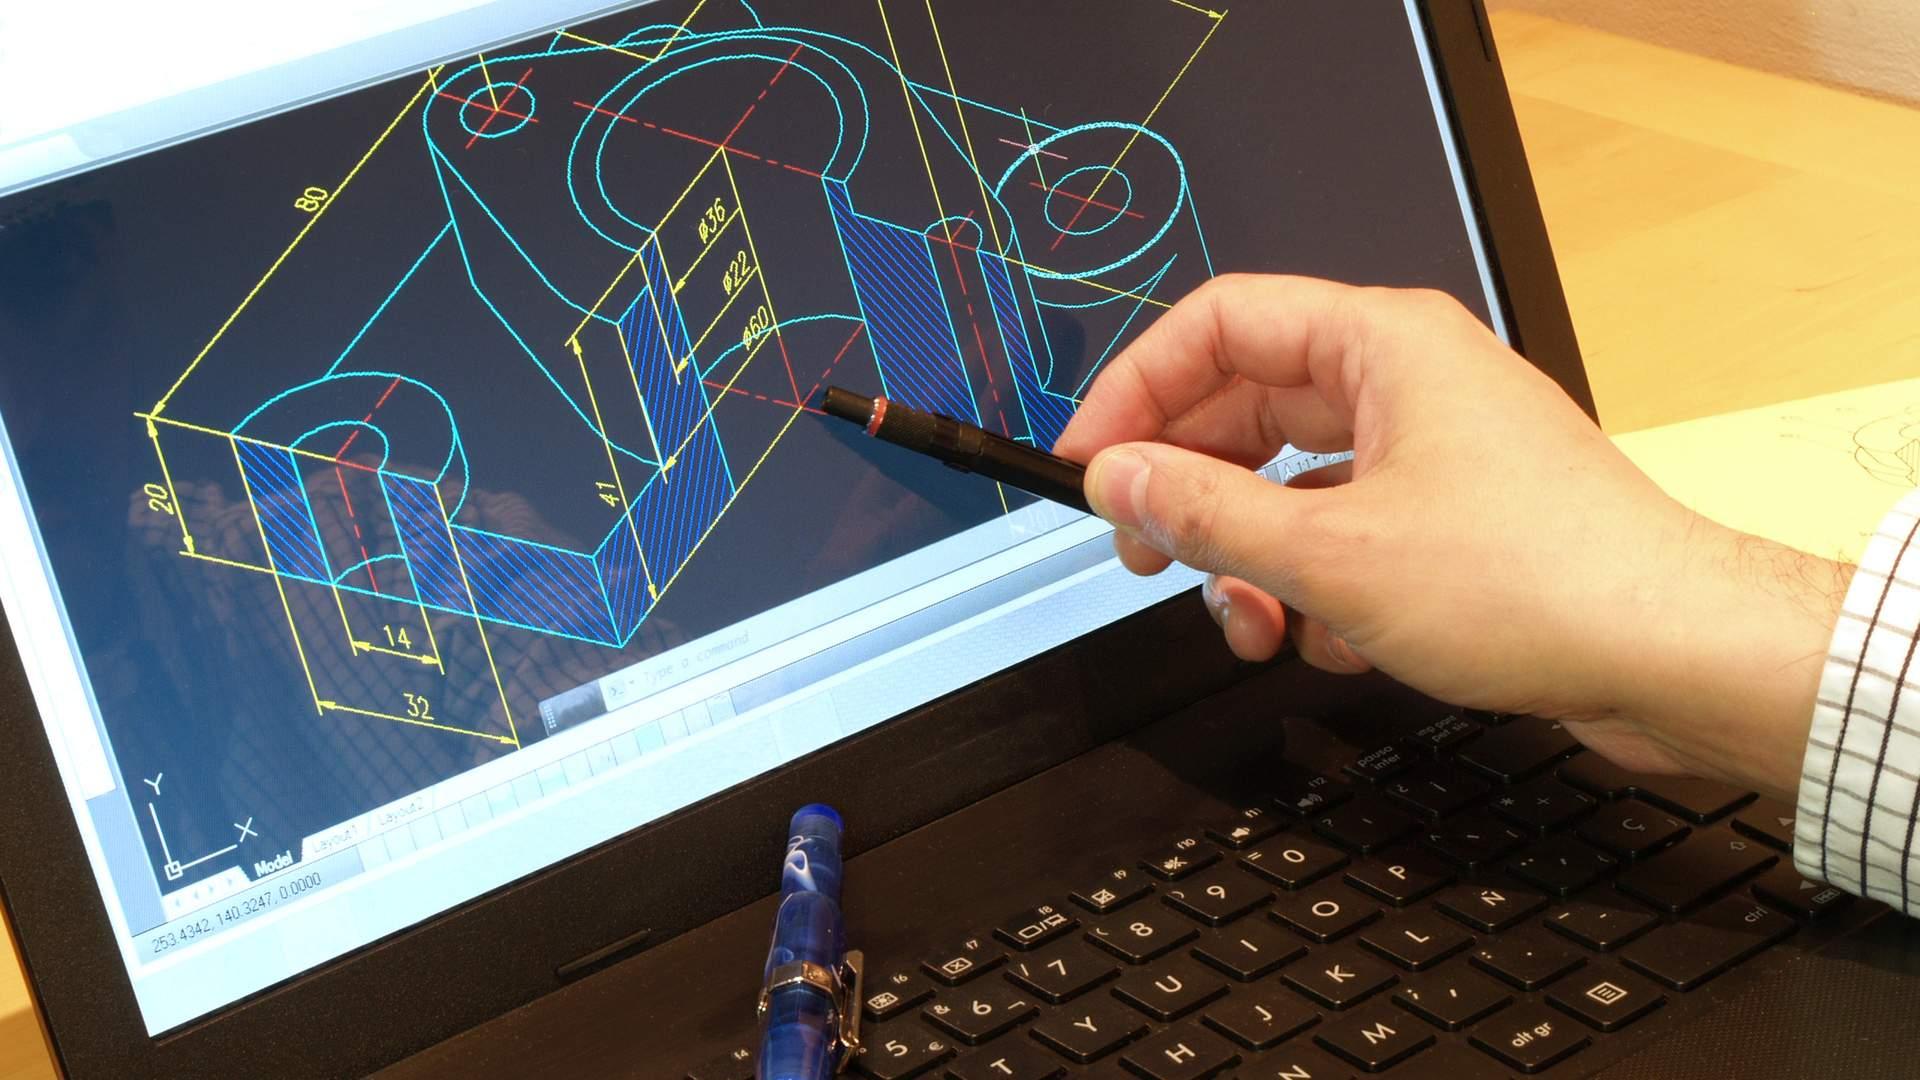 Homem apontando para tela de notebook preto com caneta, mostrando na tela um programa de projetos estruturais